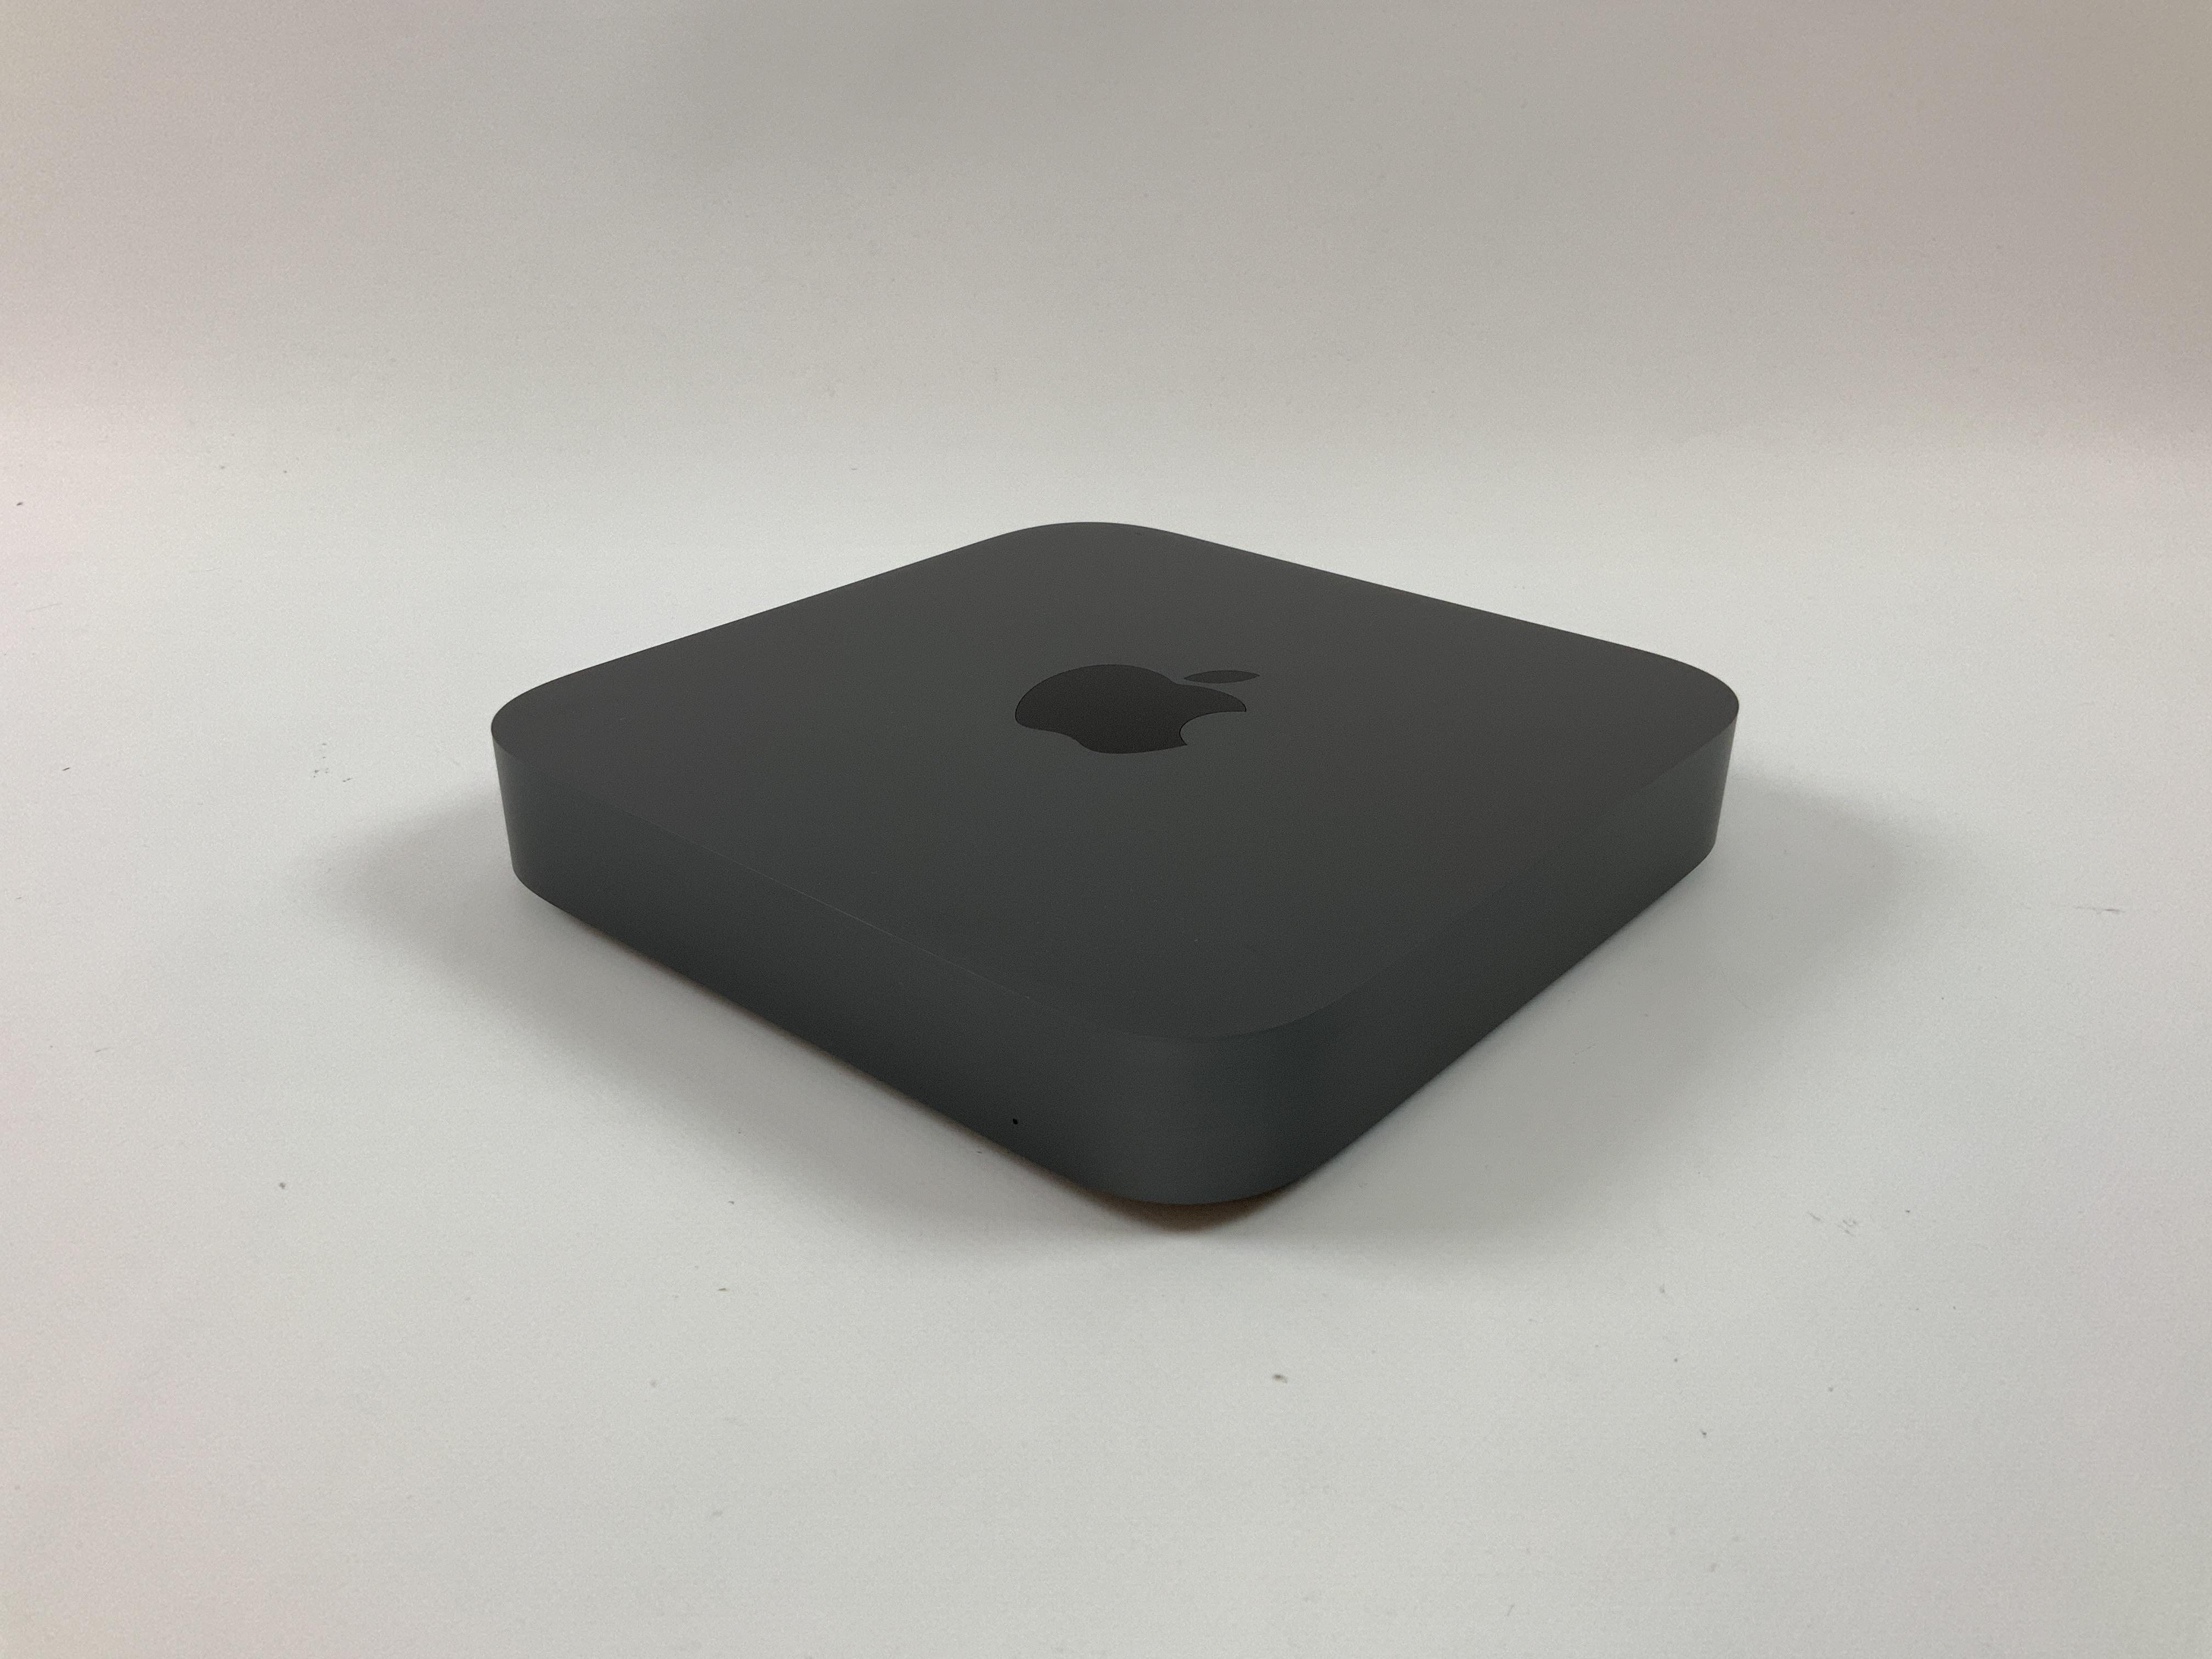 Mac Mini Late 2018 (Intel Quad-Core i3 3.6 GHz 32 GB RAM 128 GB SSD), Intel Quad-Core i3 3.6 GHz, 32 GB RAM, 128 GB SSD, bild 4